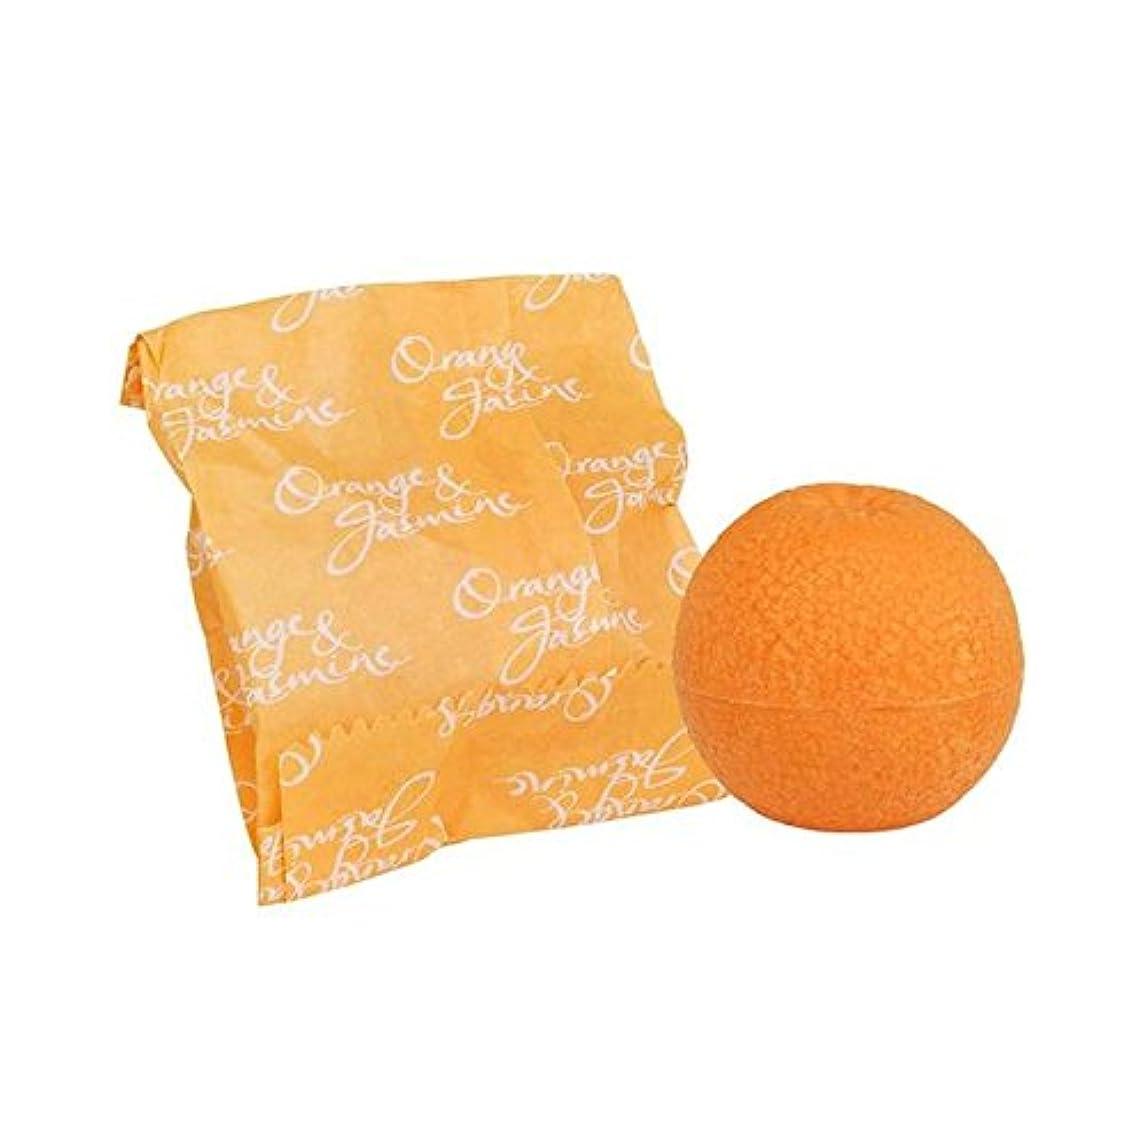 の間でダルセット放射性Bronnley Orange & Jasmine Soap 100g (Pack of 6) - オレンジ&ジャスミン石鹸100グラム x6 [並行輸入品]